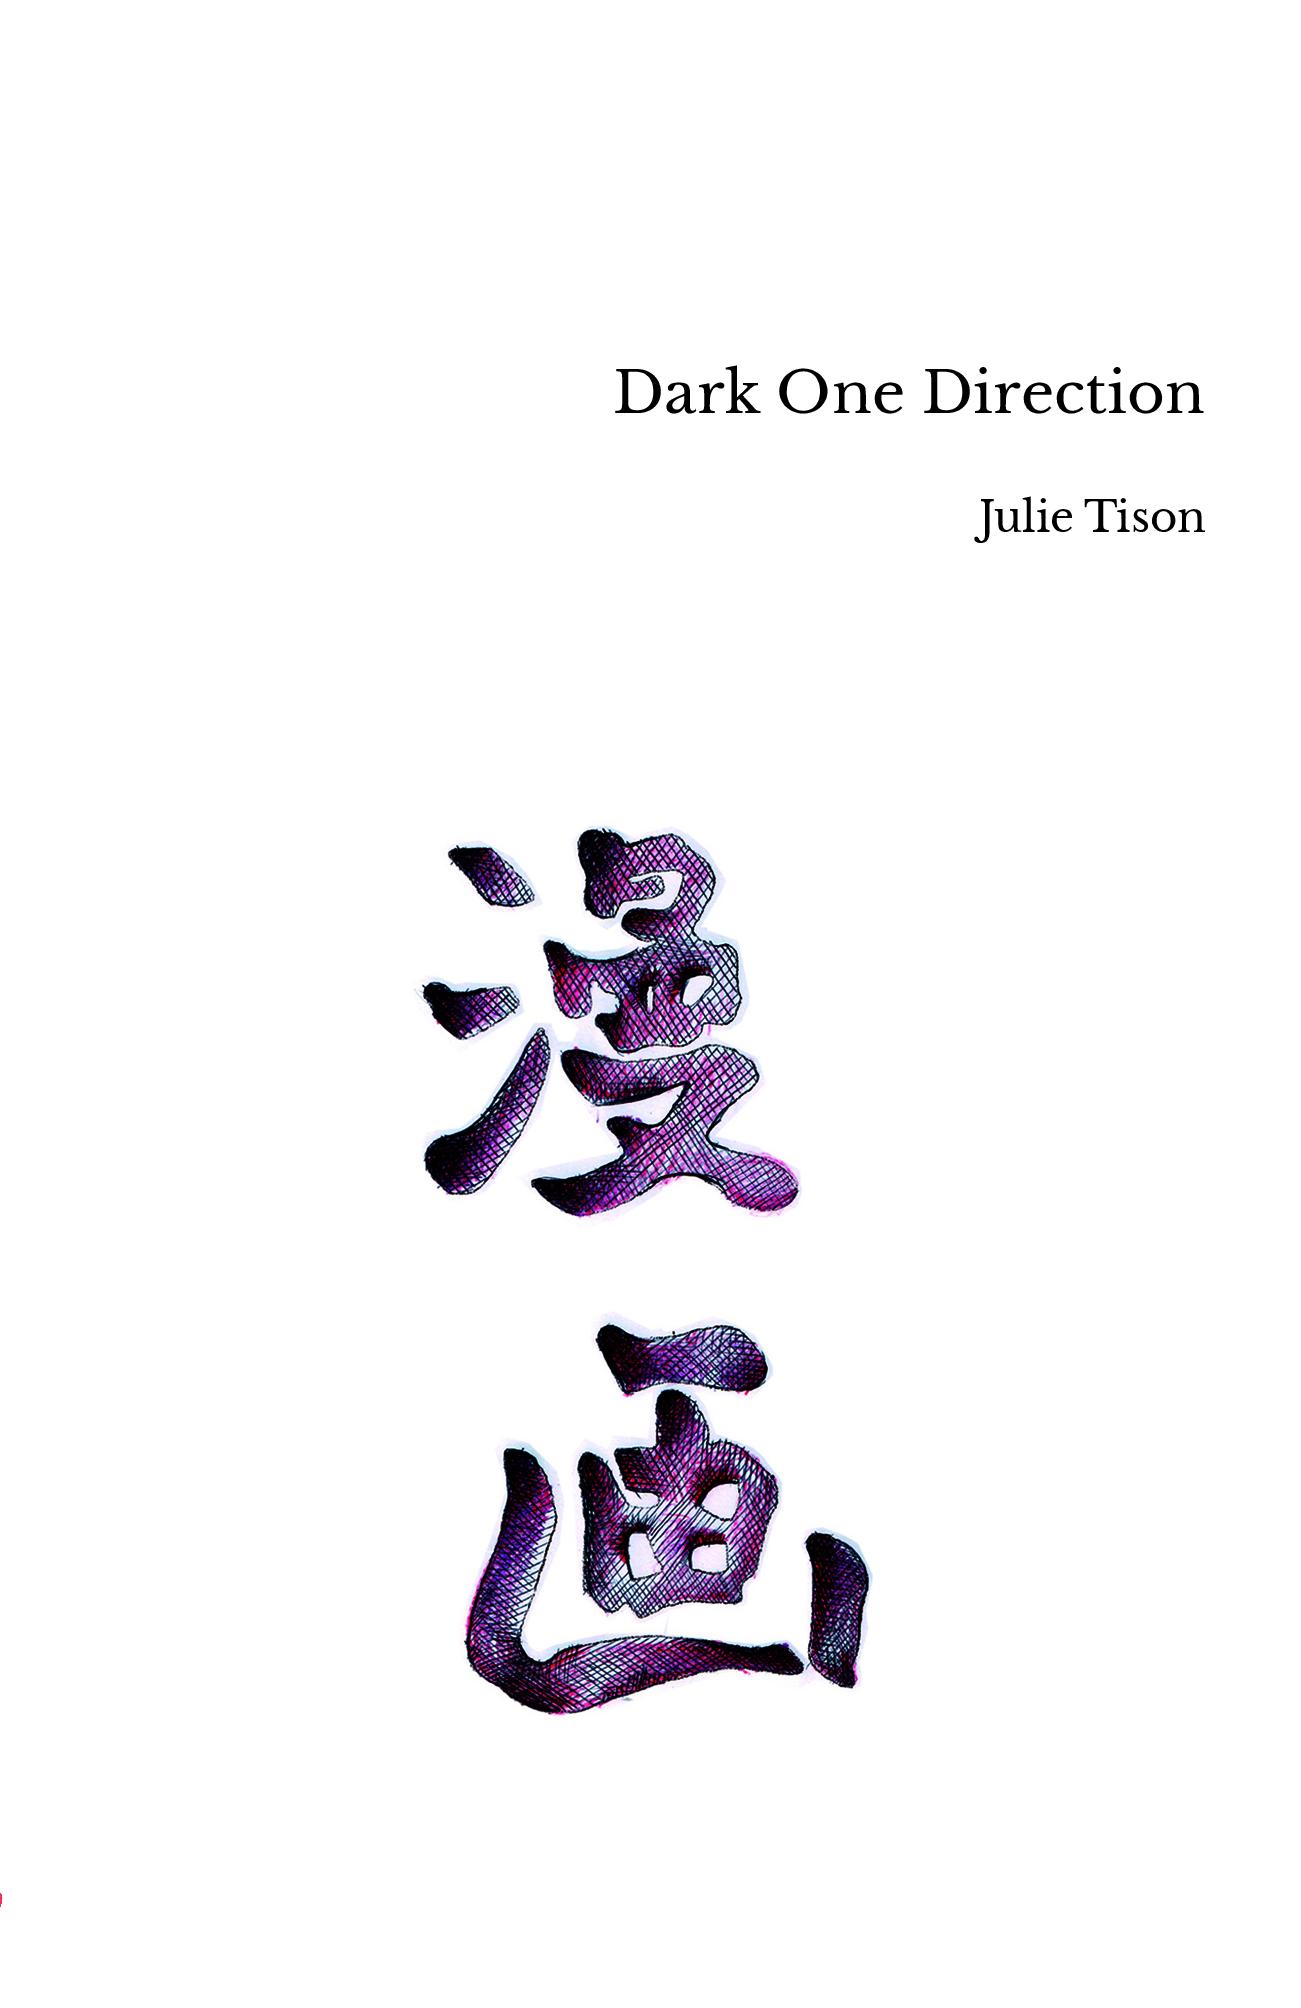 Dark One Direction